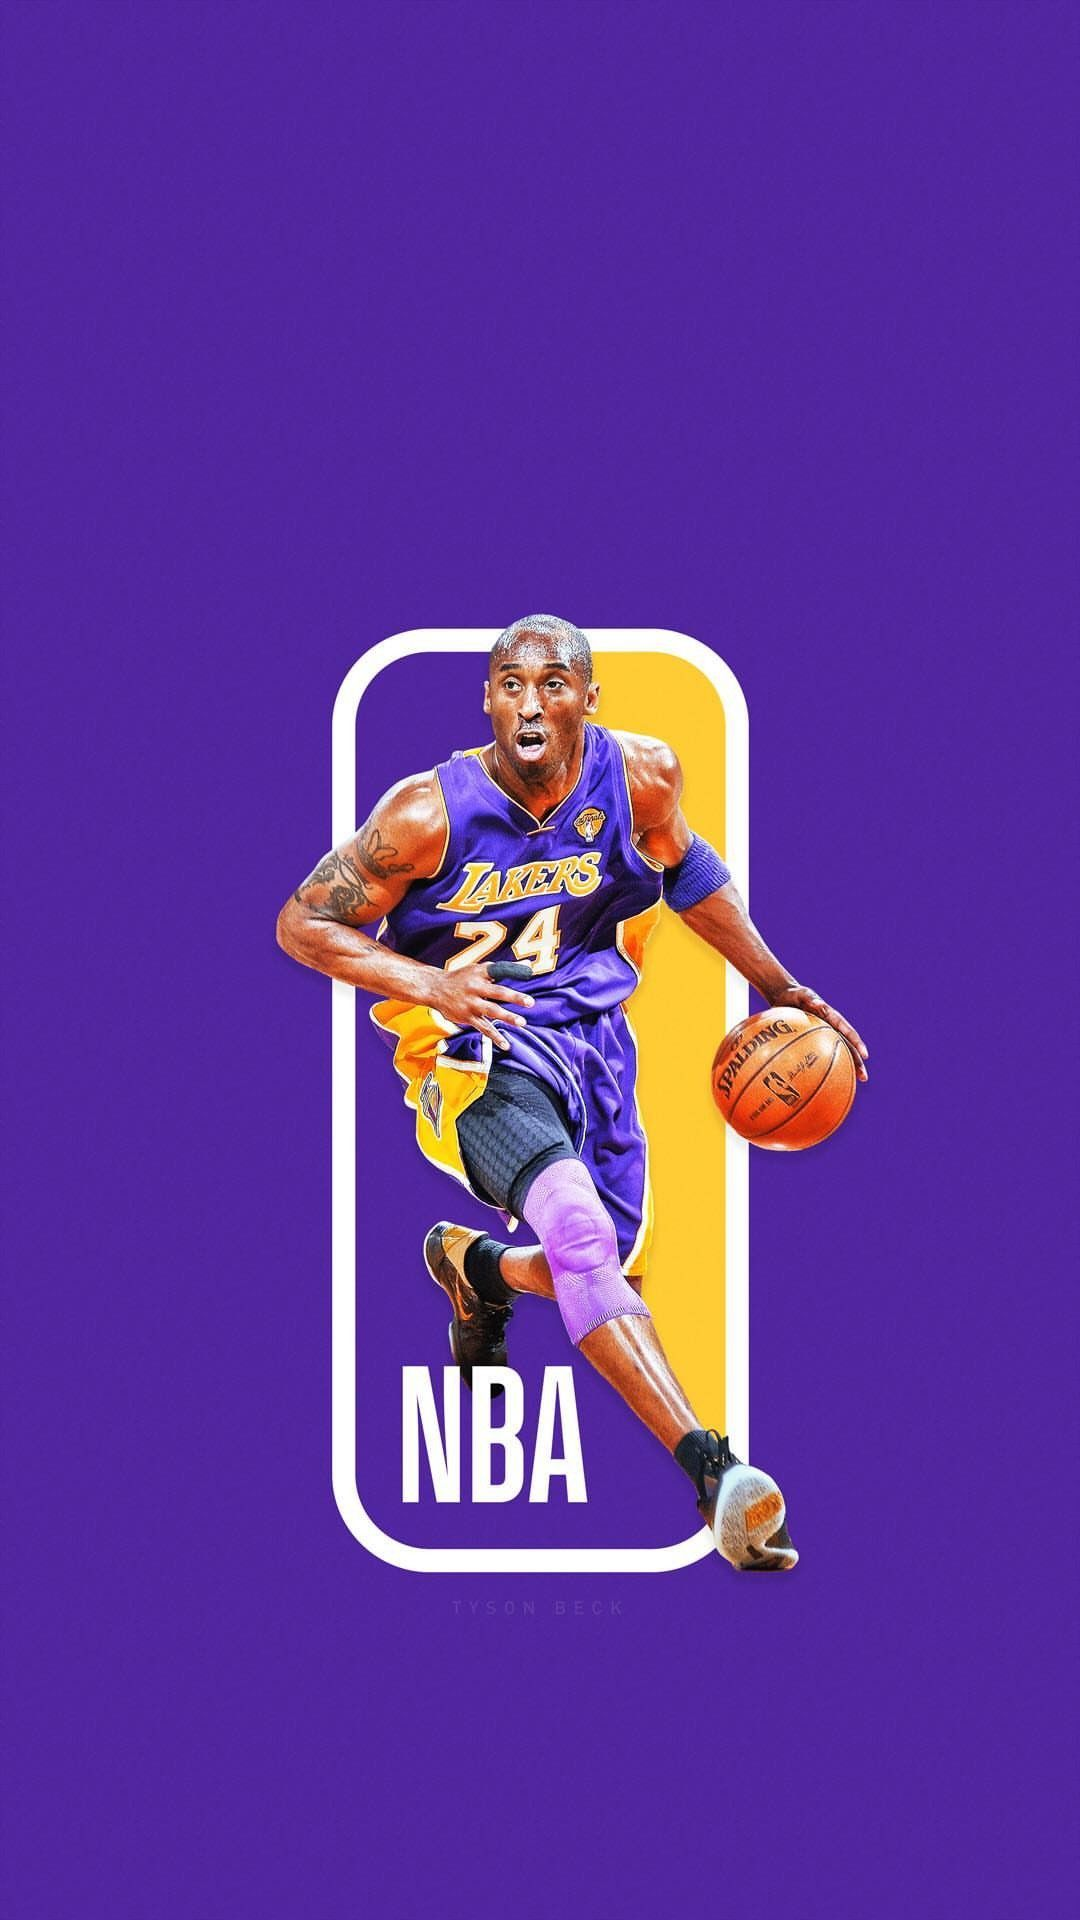 Kobe Bryant Wallpaper Kobe Bryant Tattoos Kobe Bryant Kobe Bryant Wallpaper